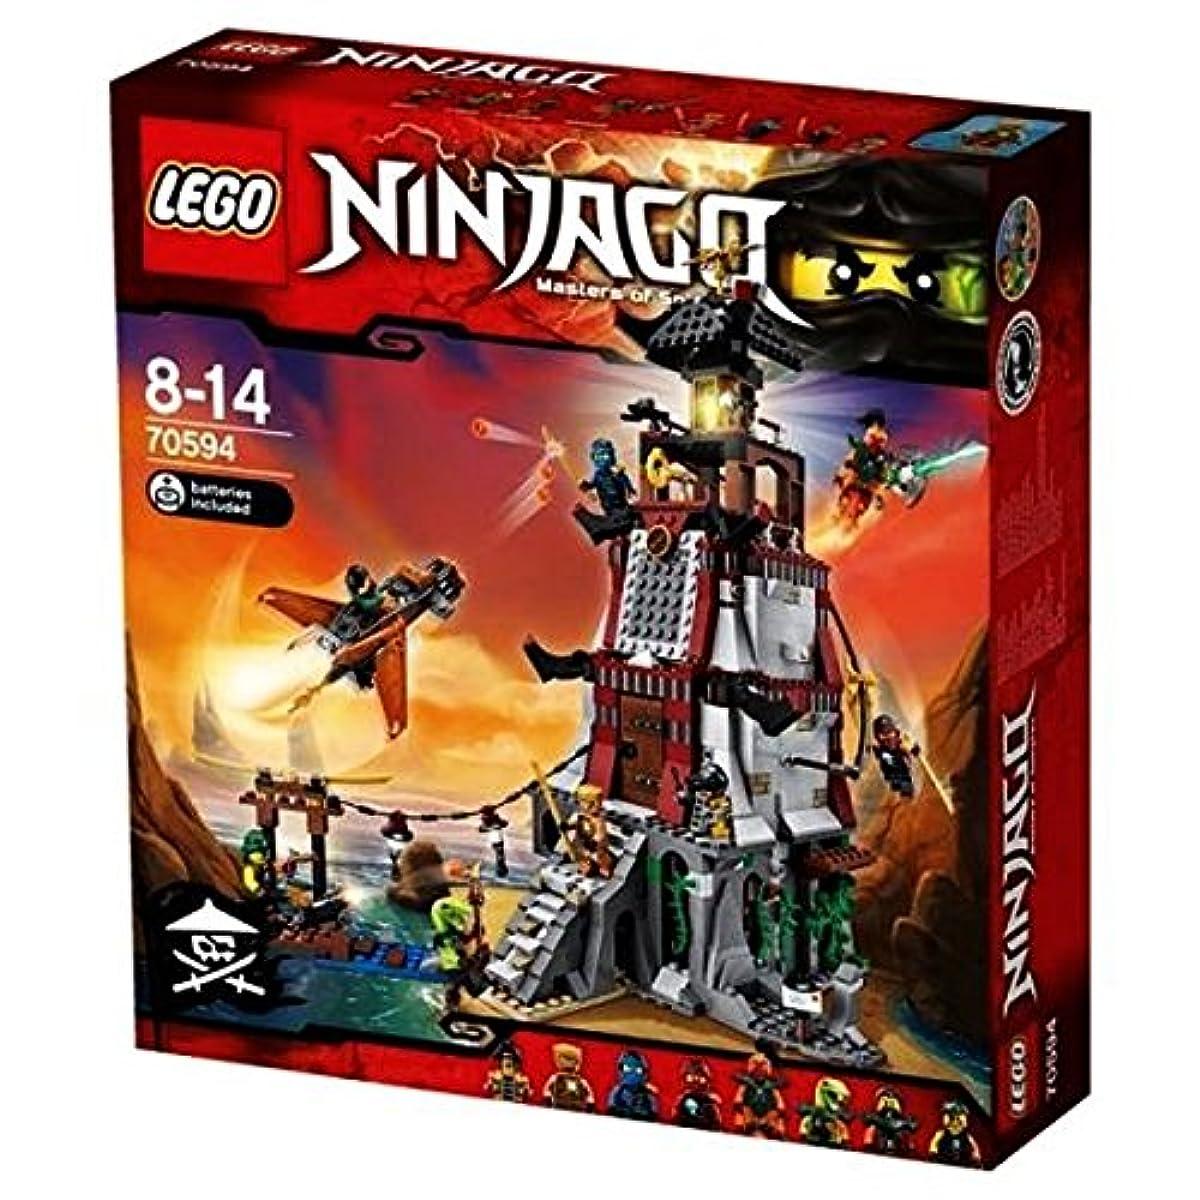 [해외] 레고 (LEGO) 닌자고 결전! 암벽의 라이트 퍼터워 배틀 70594-70594 (2016-06-03)